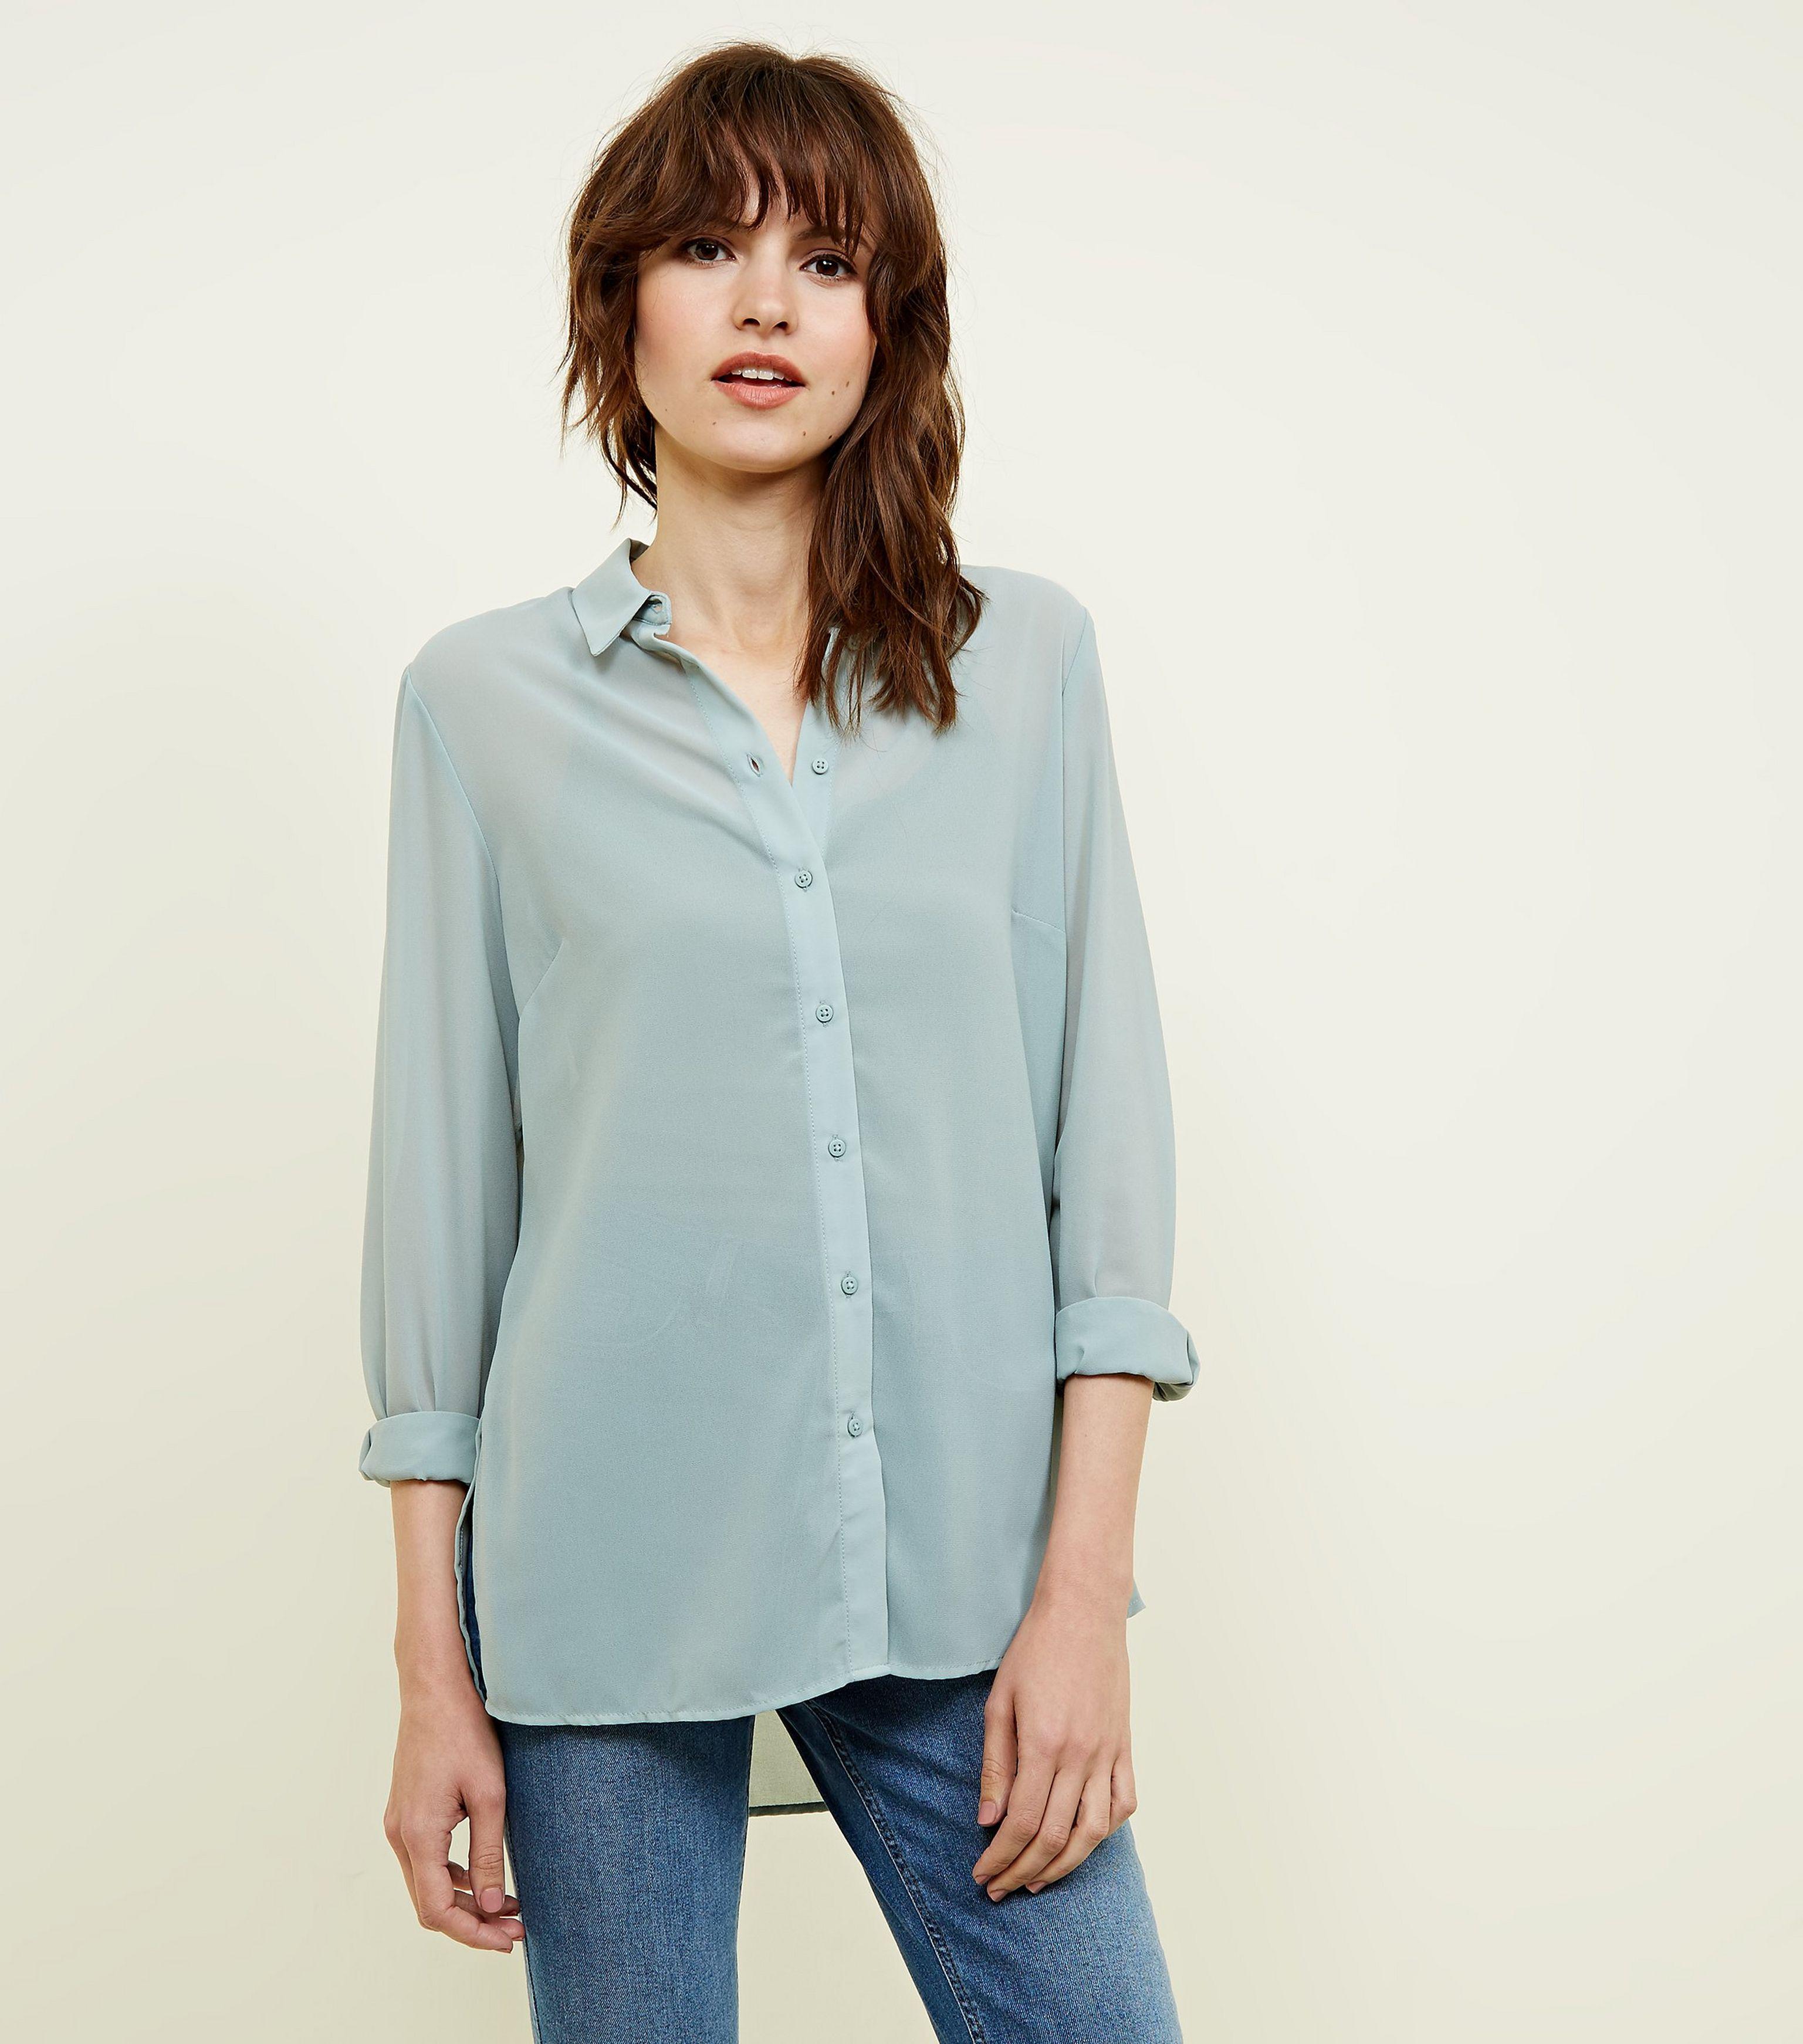 a9fd0d16fae New Look Light Green Chiffon Long Sleeve Shirt in Green - Lyst